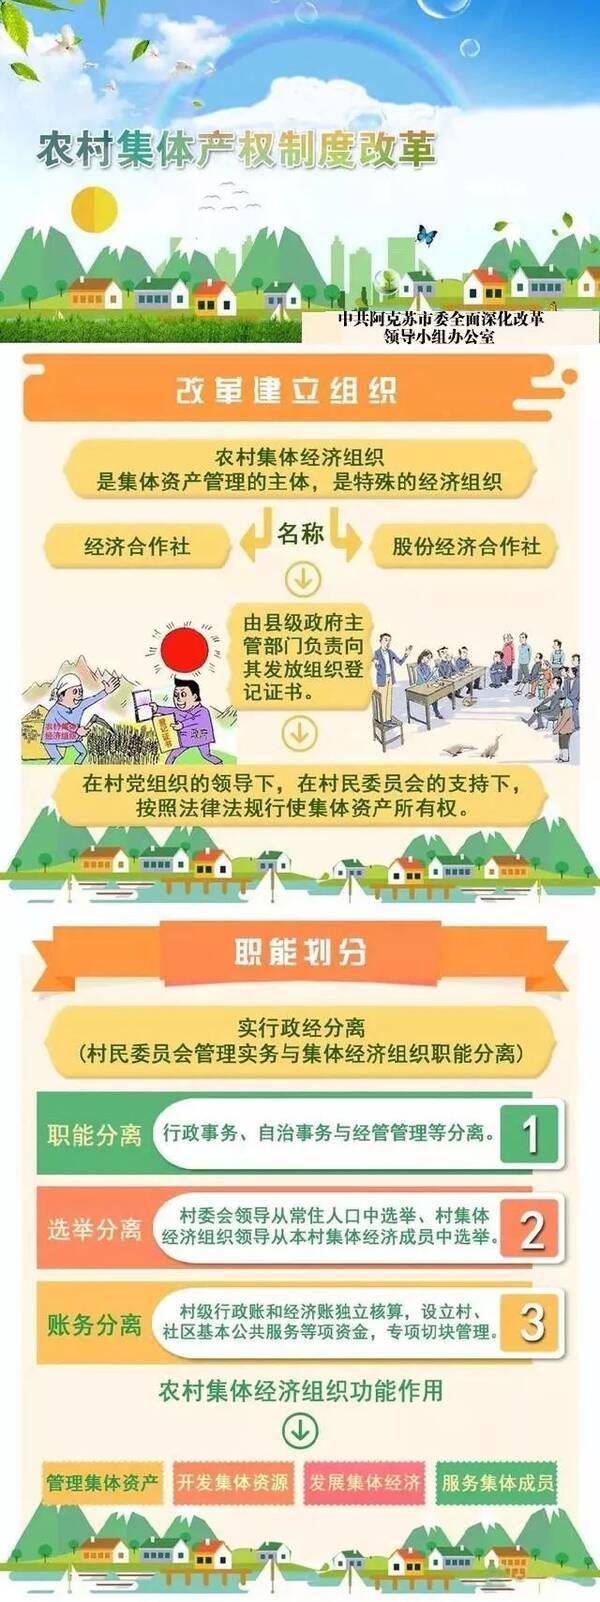 【改革开放40周年】一图读懂阿克苏市农村集体产权制度改革